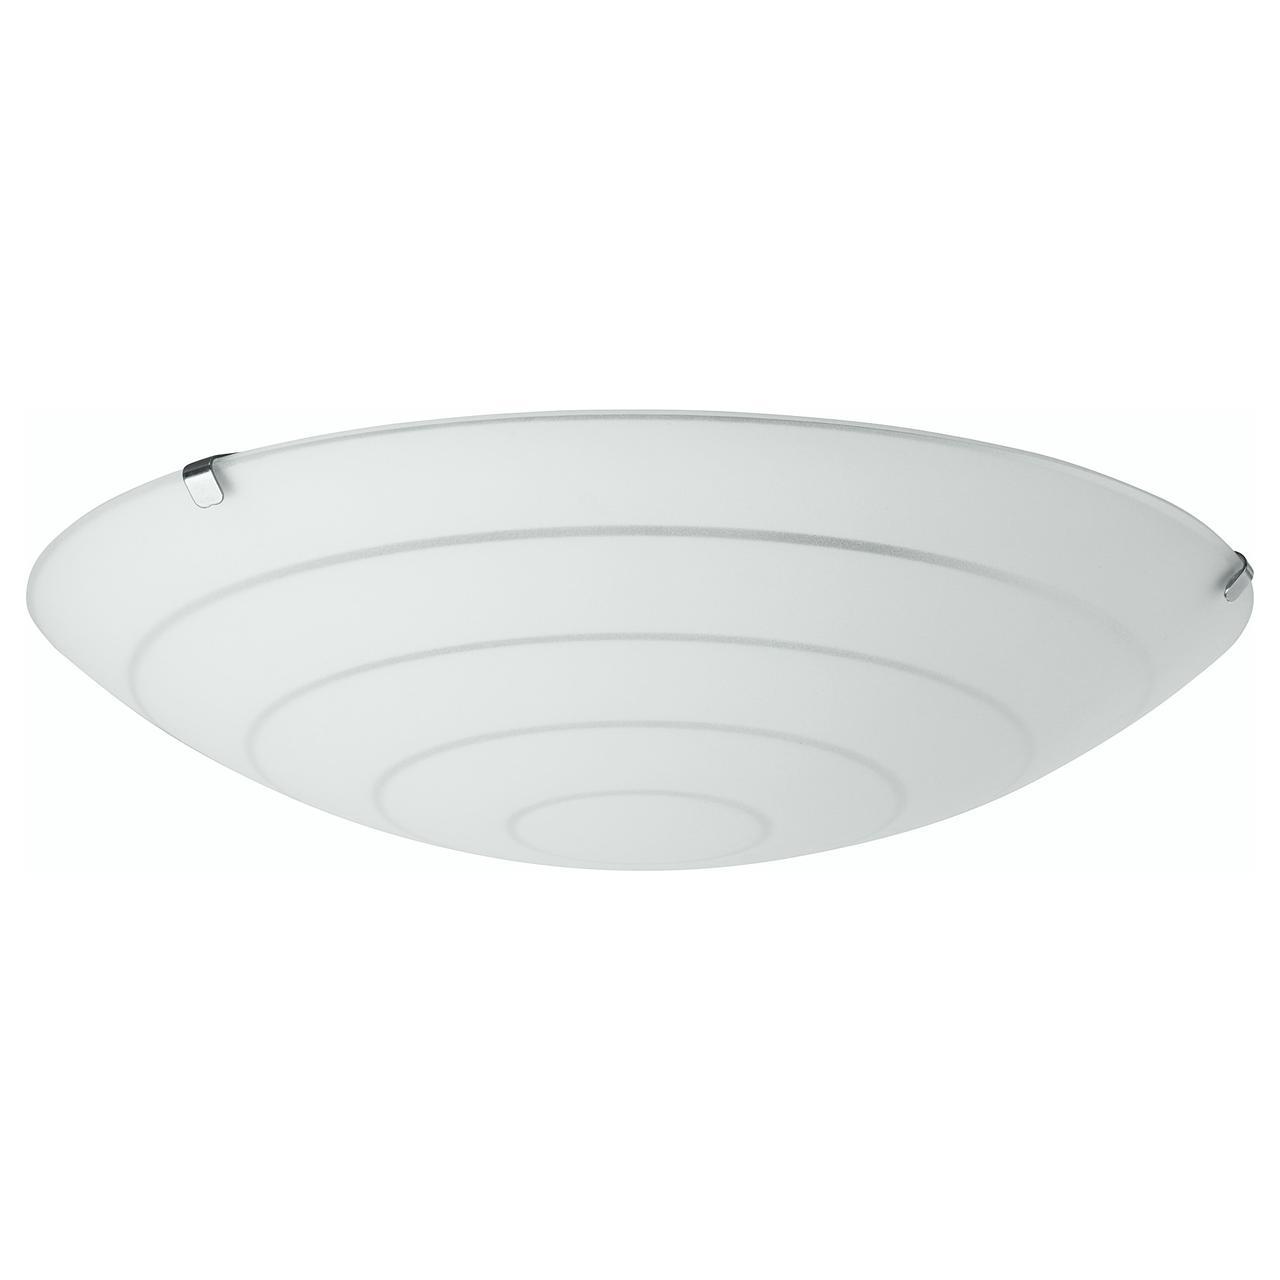 ХИБИ Потолочный светильник, белый